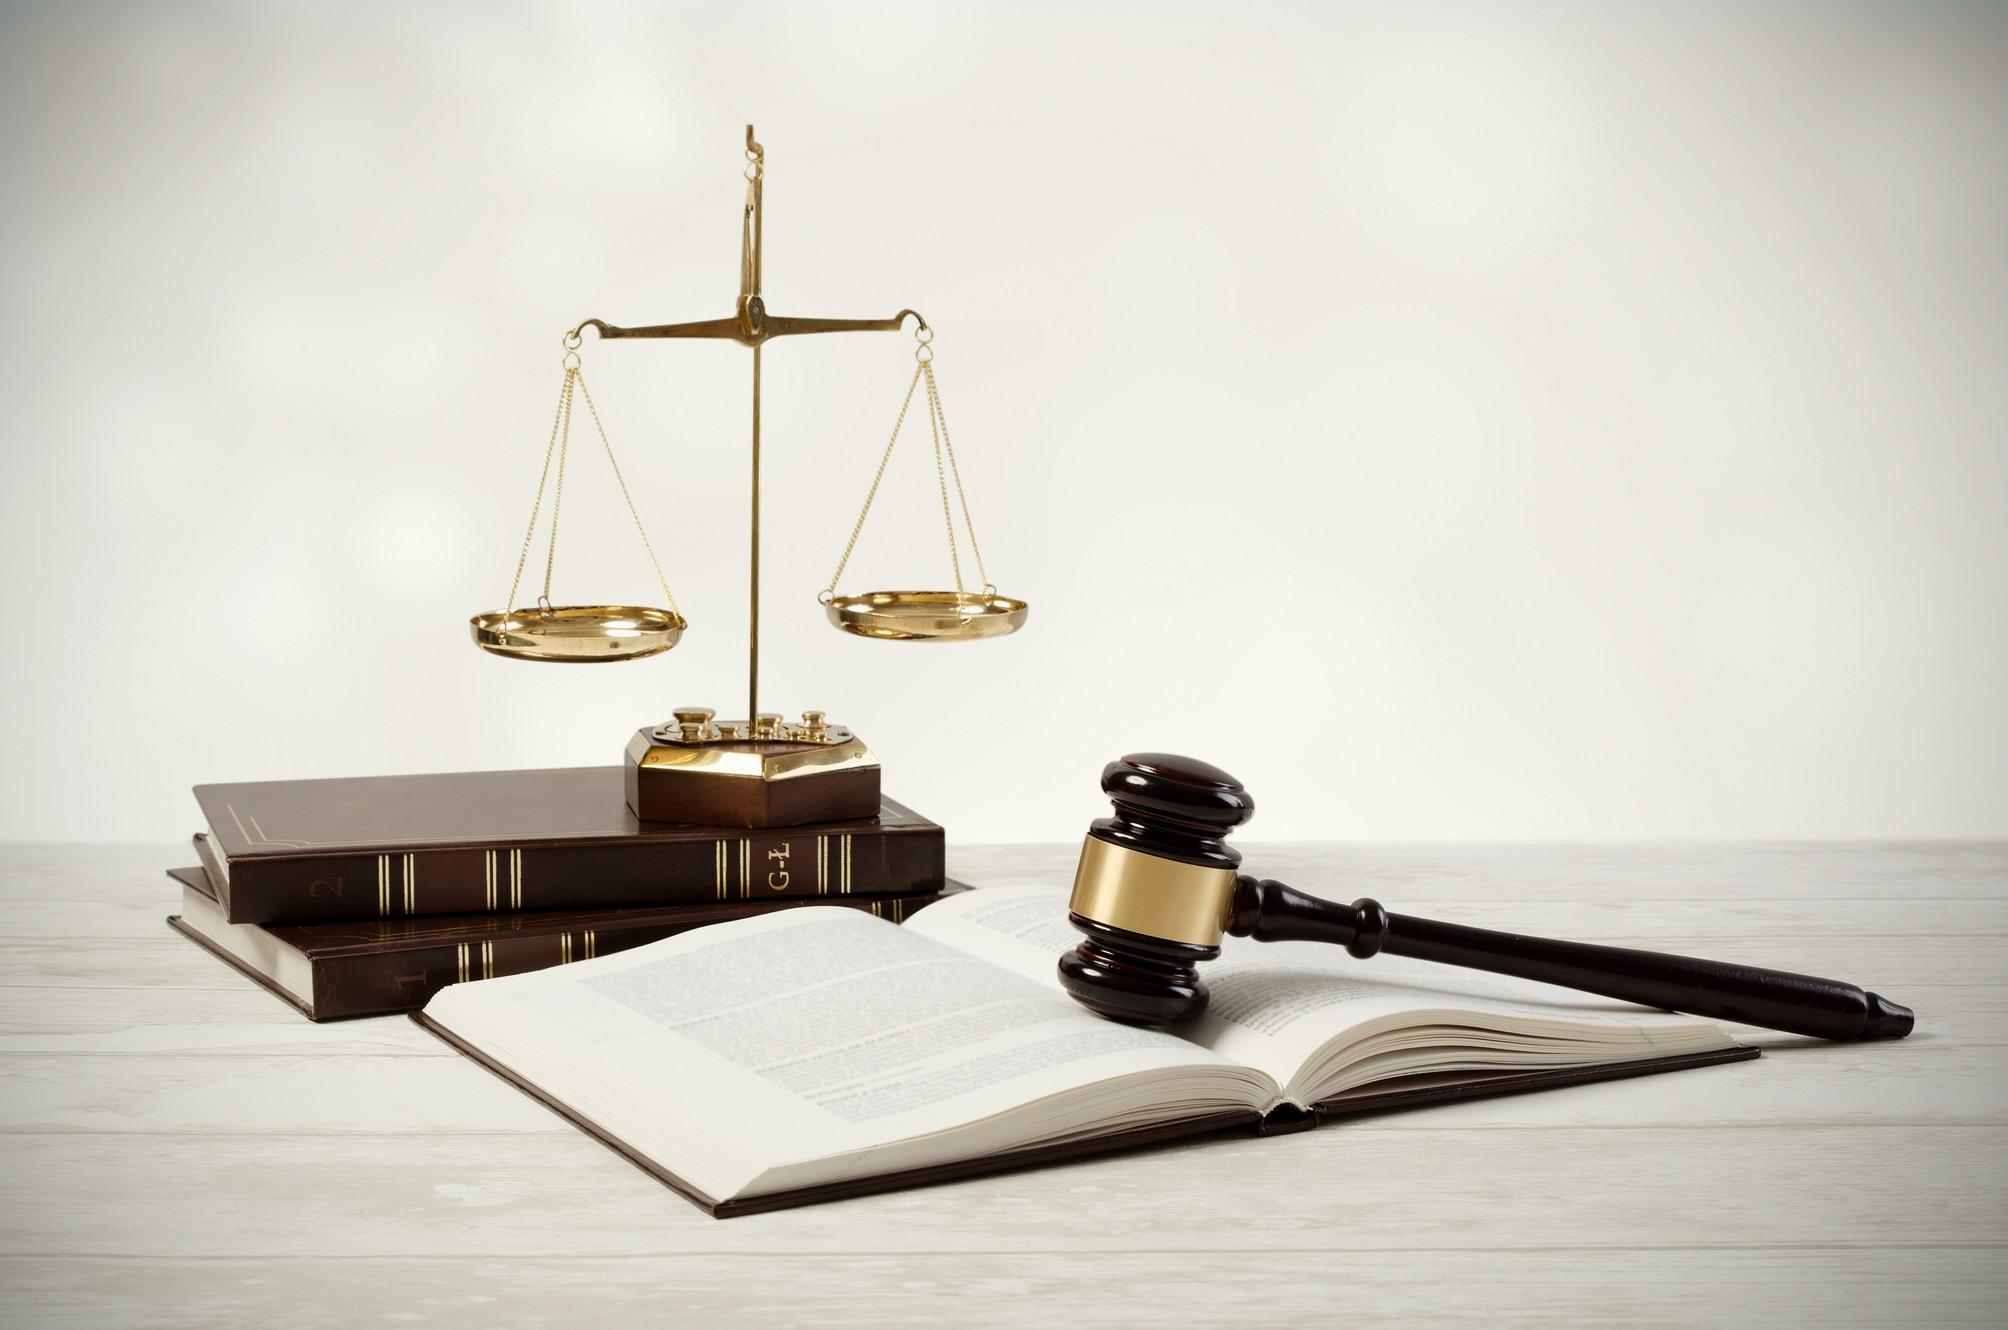 Kti laki ja perintä